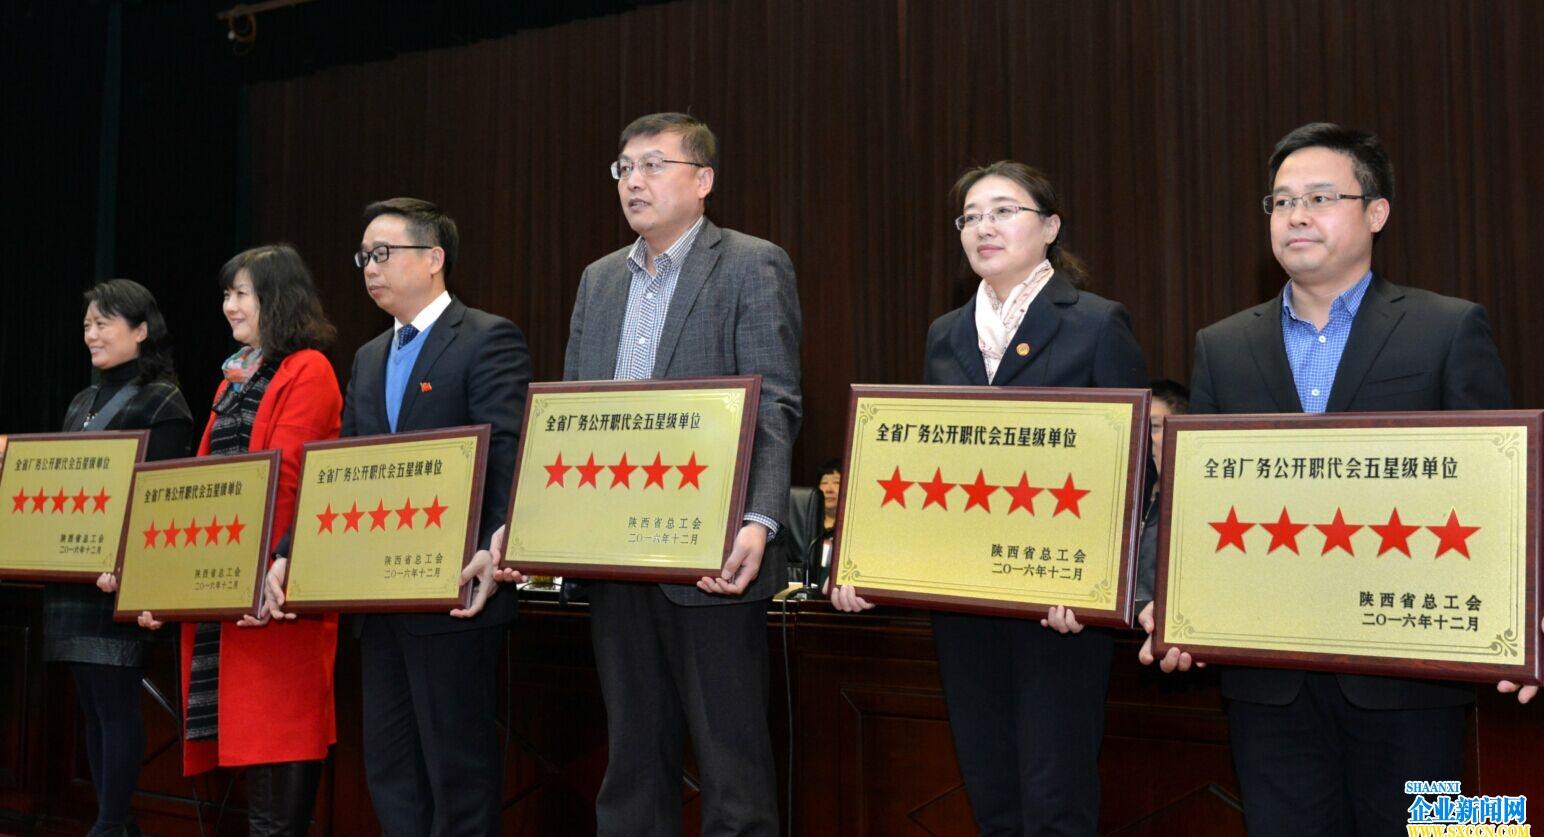 陕建八建集团一届四次职代会暨2017年工作会议隆重召开